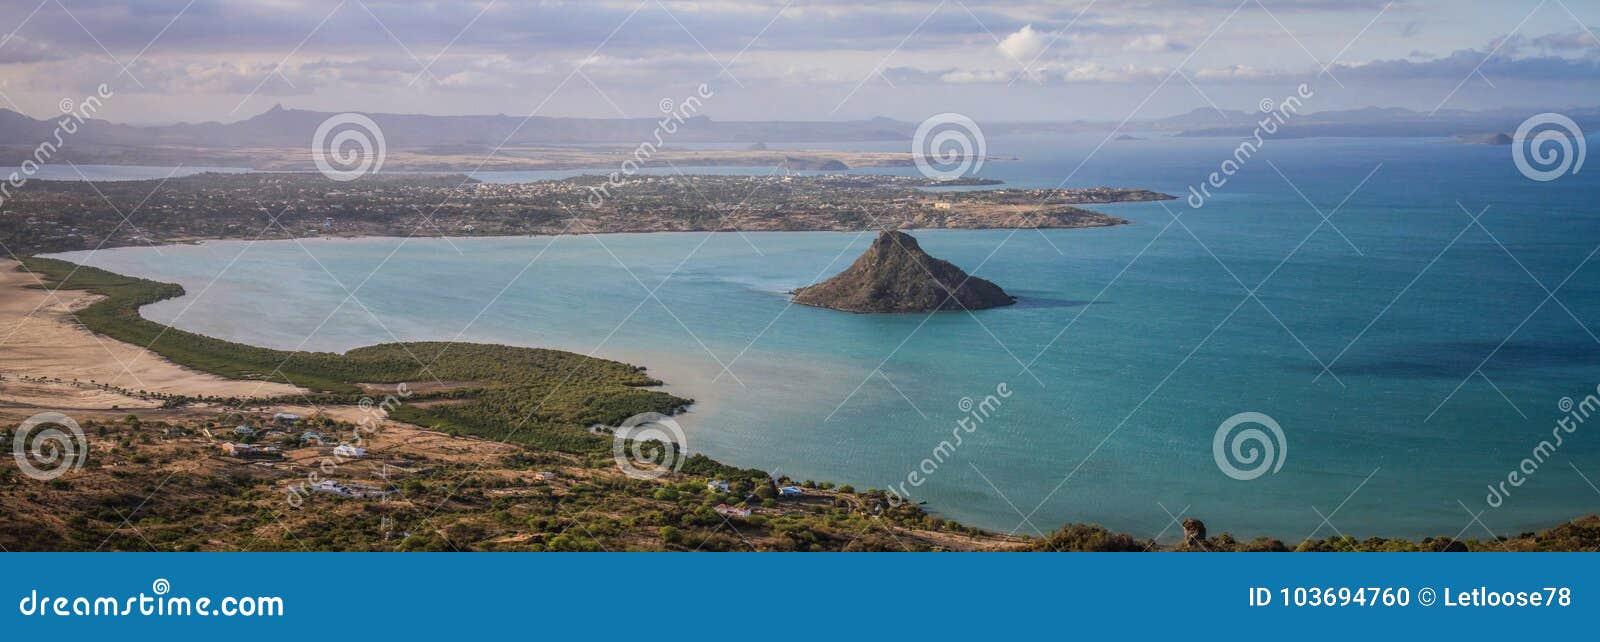 Panorama from the montagne des Français, Diana, Diego Suarez, Madagascar